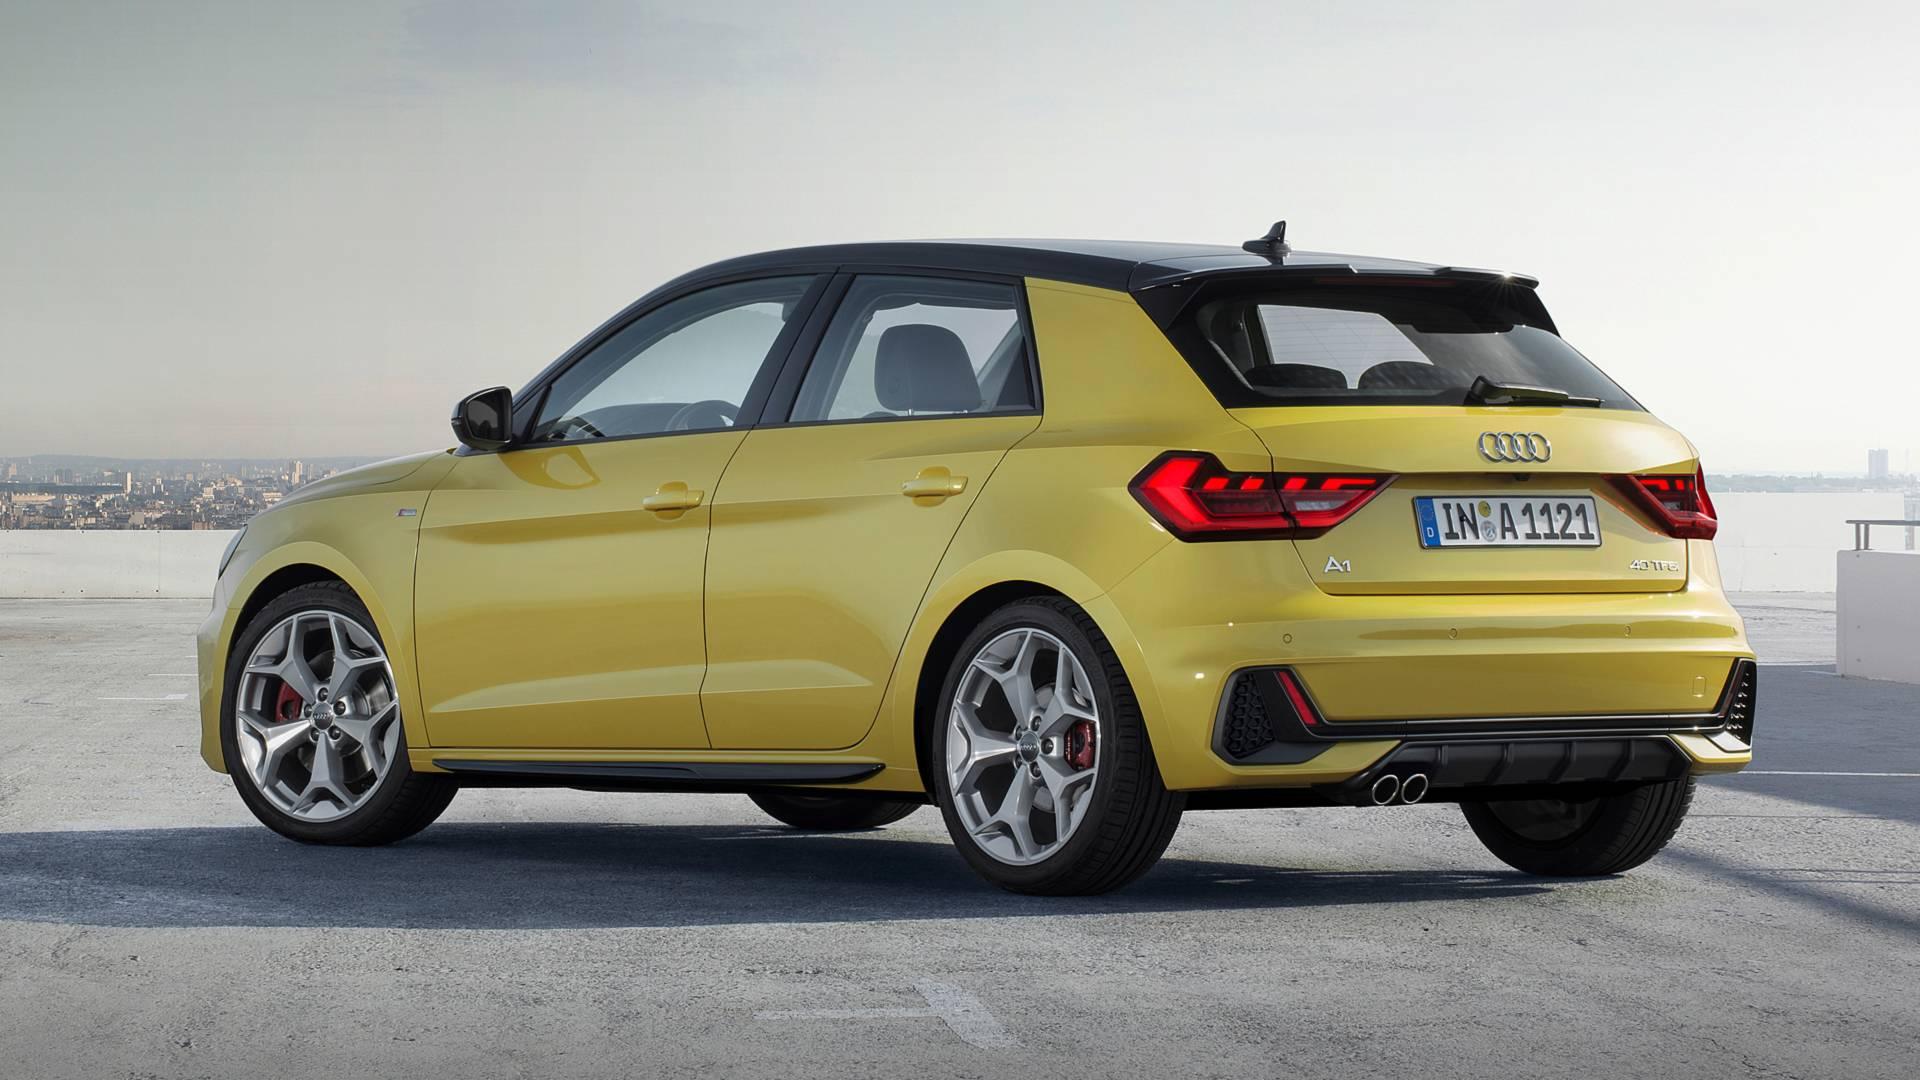 đầu tư giá trị - 2019 audi a1 sportback 4 - Audi A1 Sportback 2019 lộ diện, kiểu dáng cá tính, công suất 200 mã lực